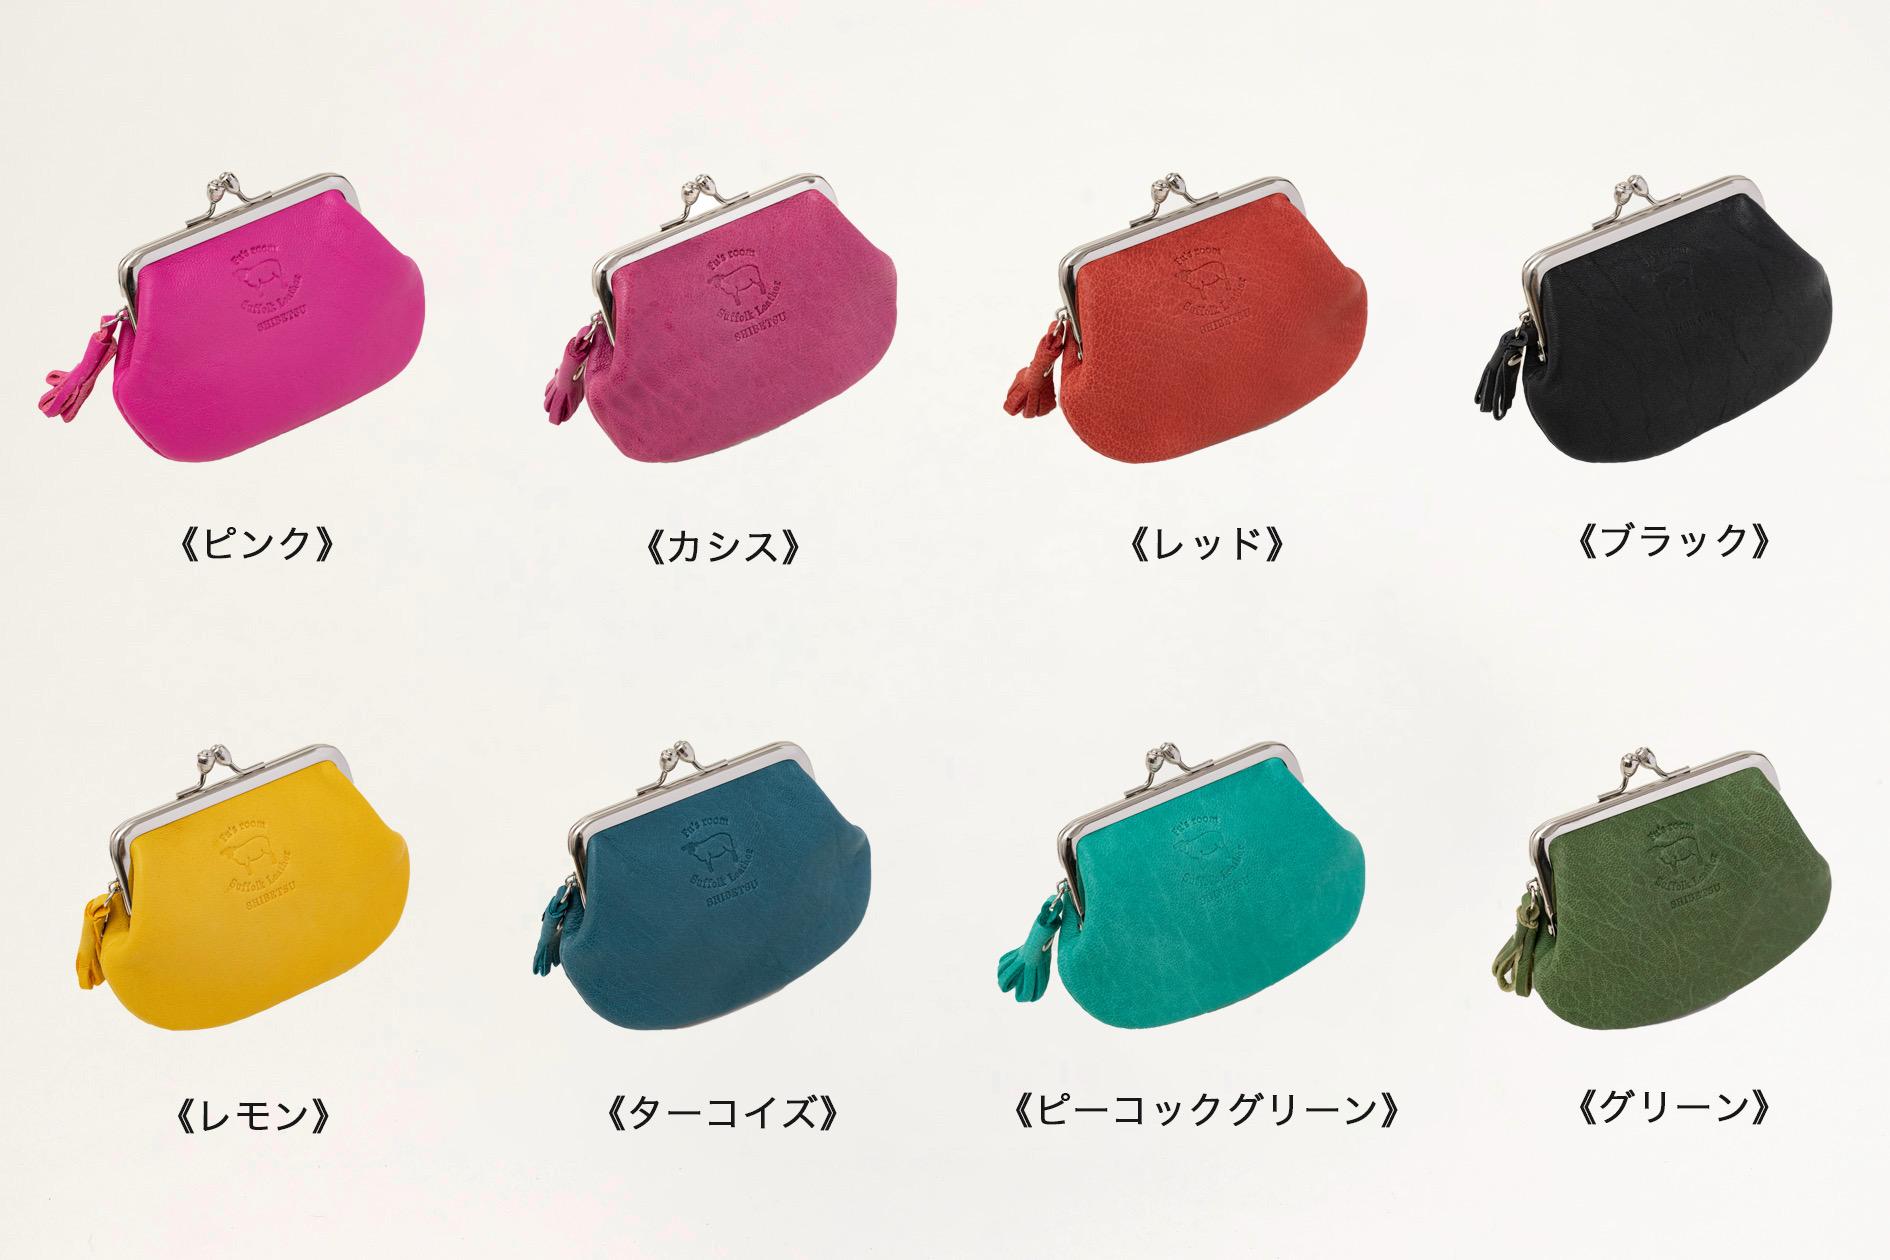 Fu's roomのサフォークレザーの「がま口(Mサイズ)」8種類,カラフルな8色のハンドメイド財布